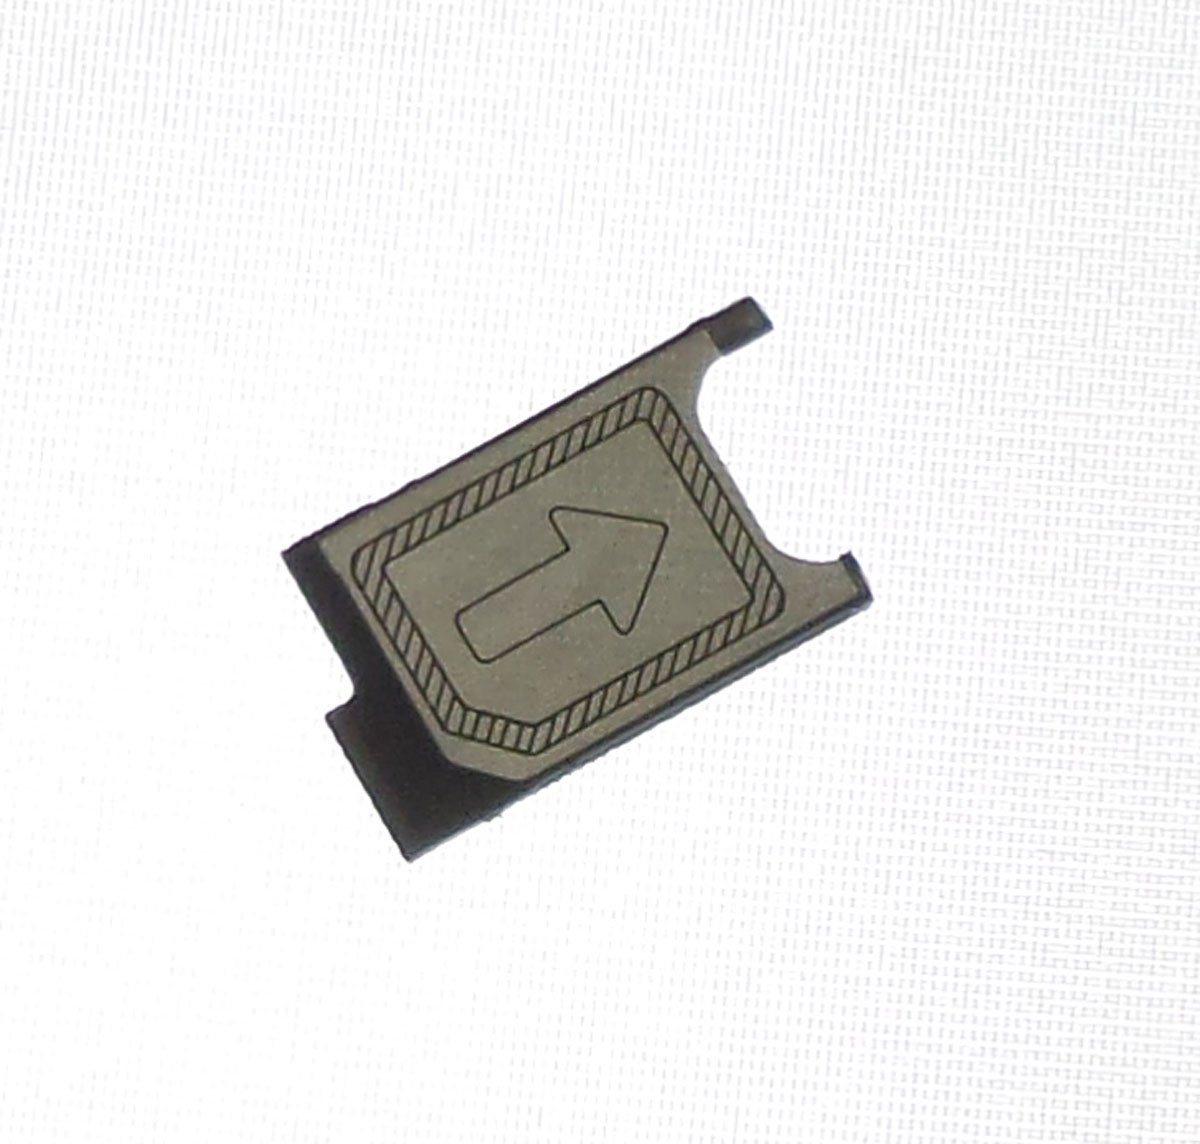 Tirroir carte SIM pour Sony Xperia Z3 L55t D6603,D6633,D6643,D6653,D6616